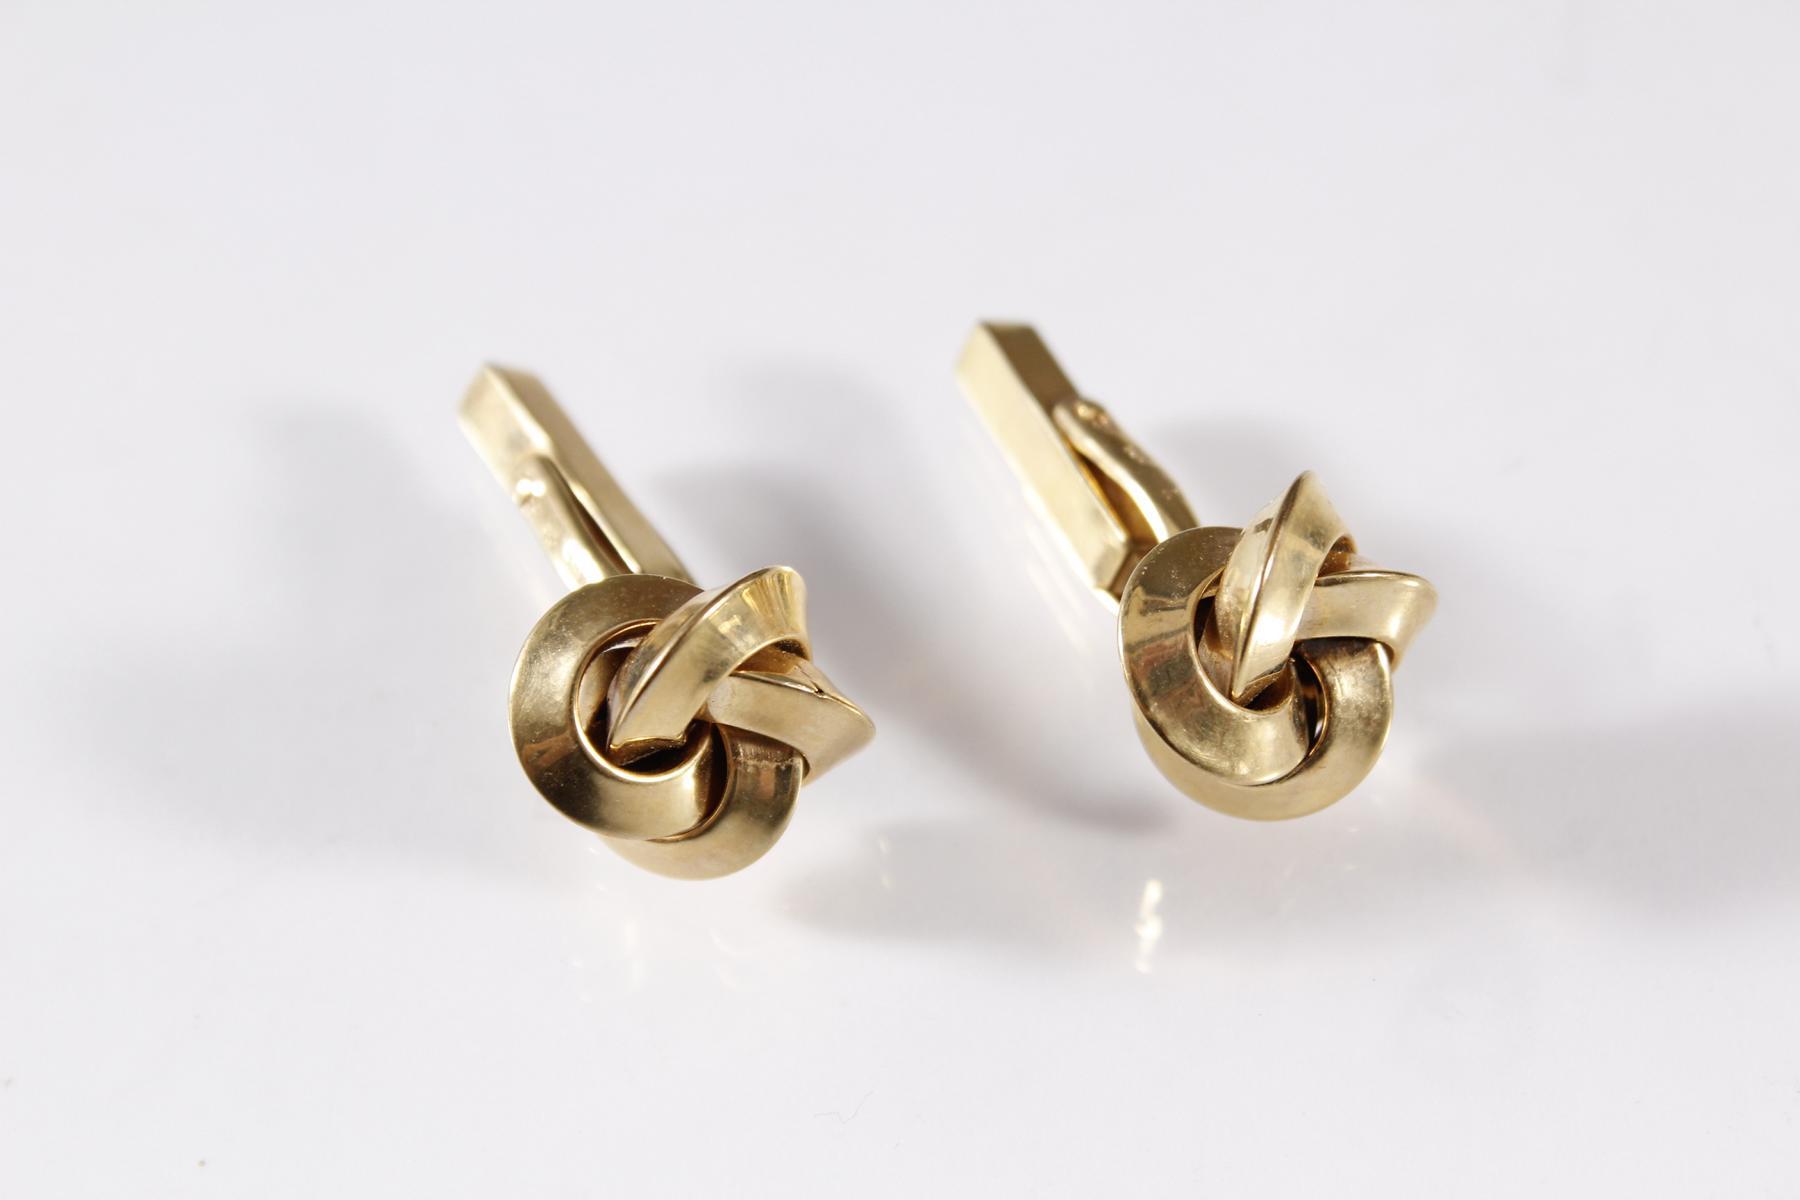 Paar Manschettenknöpfe, 8 Karat Gelbgold